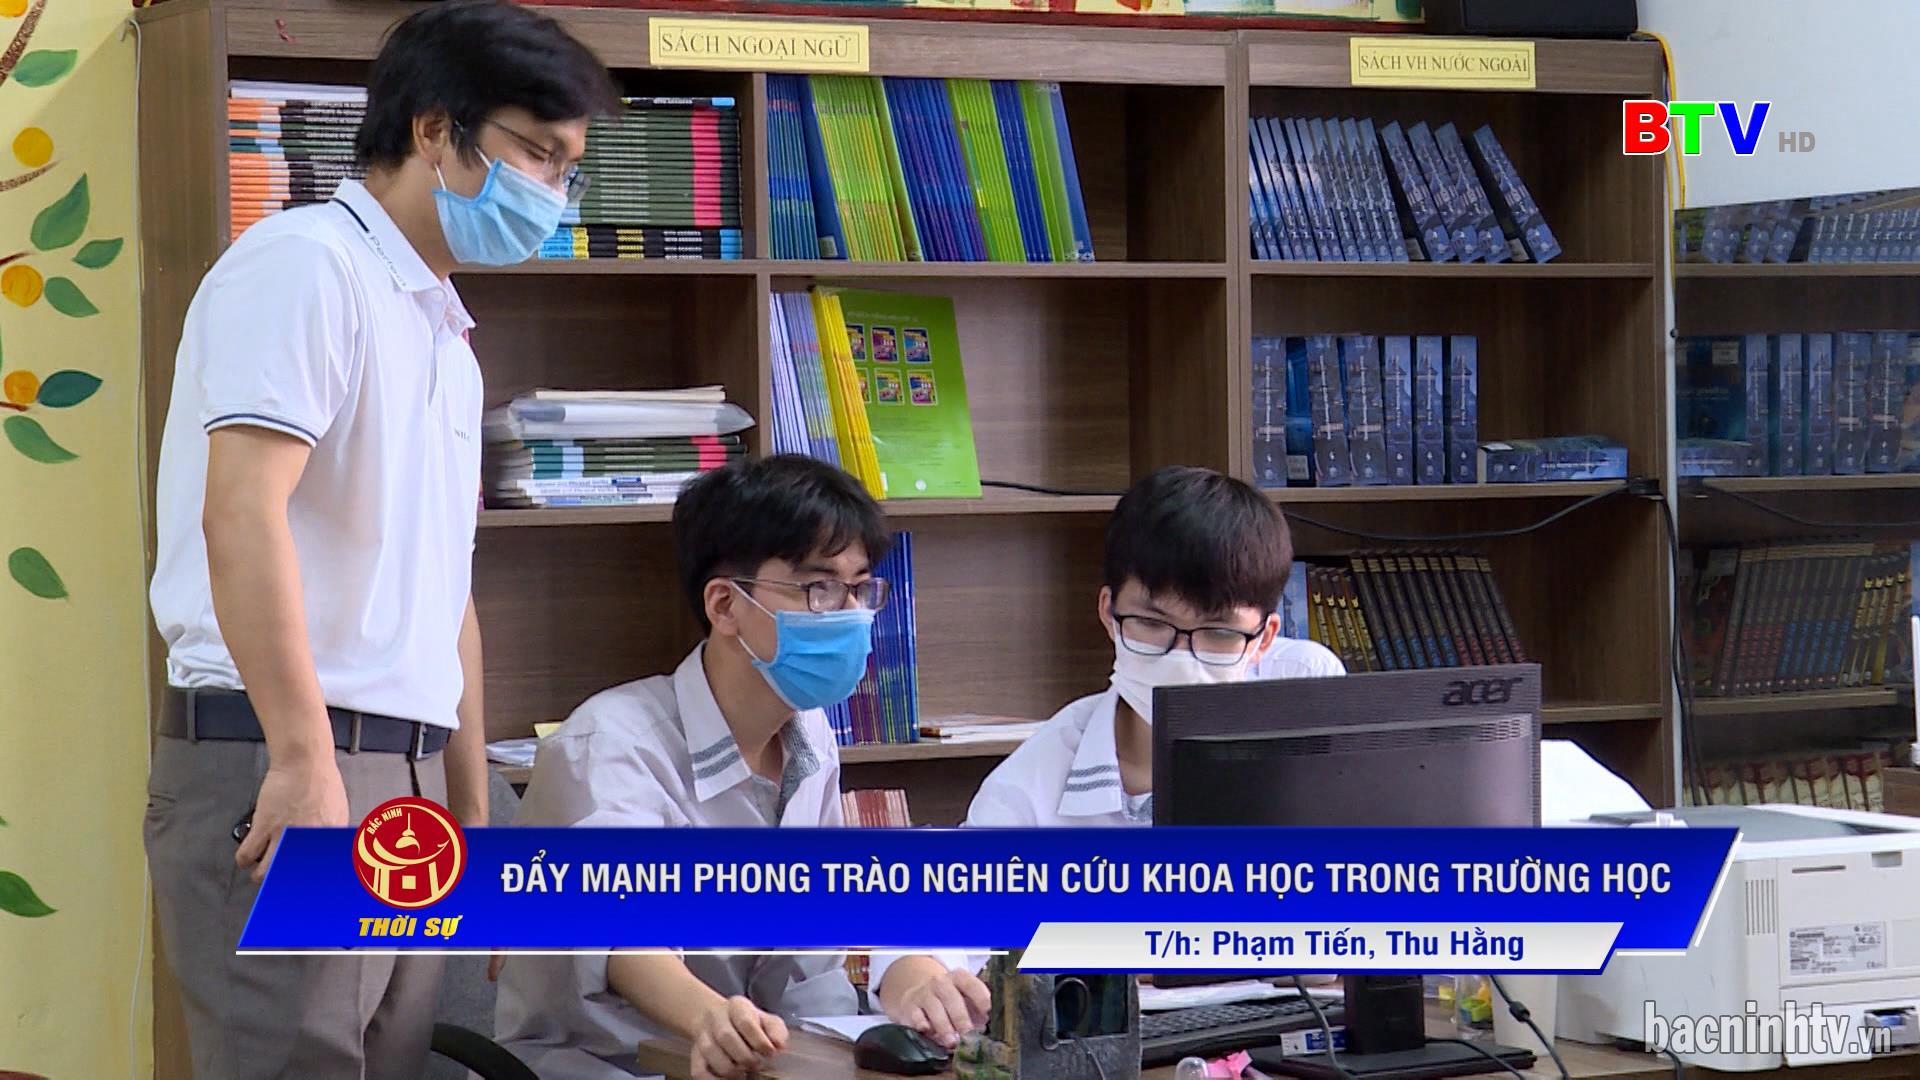 Đẩy mạnh phong trào nghiên cứu khoa học trong trường học